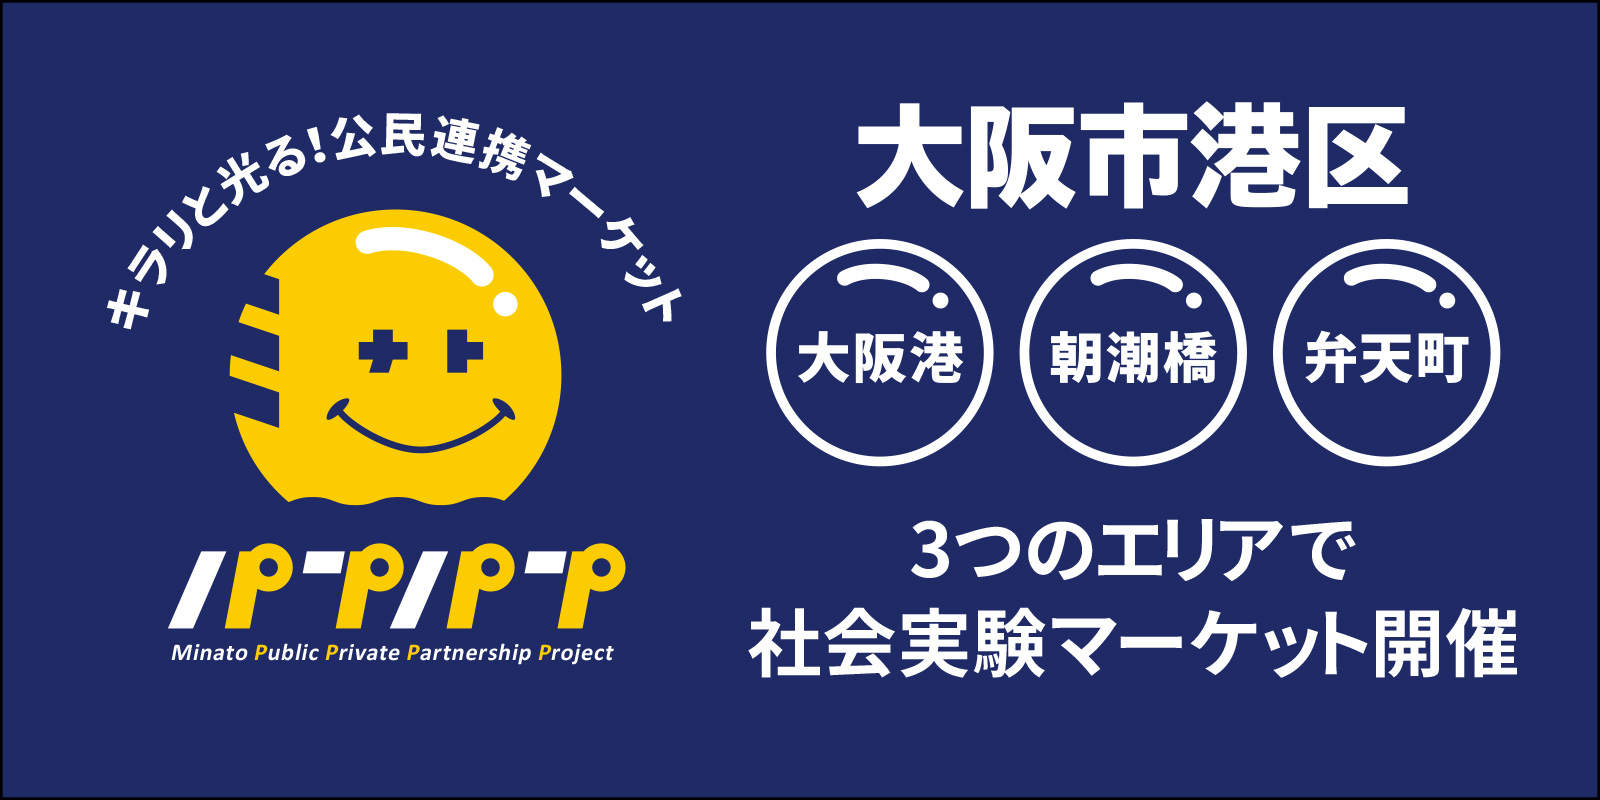 公民連携マーケット「ミナトパプパプ」大阪市港区 PPP